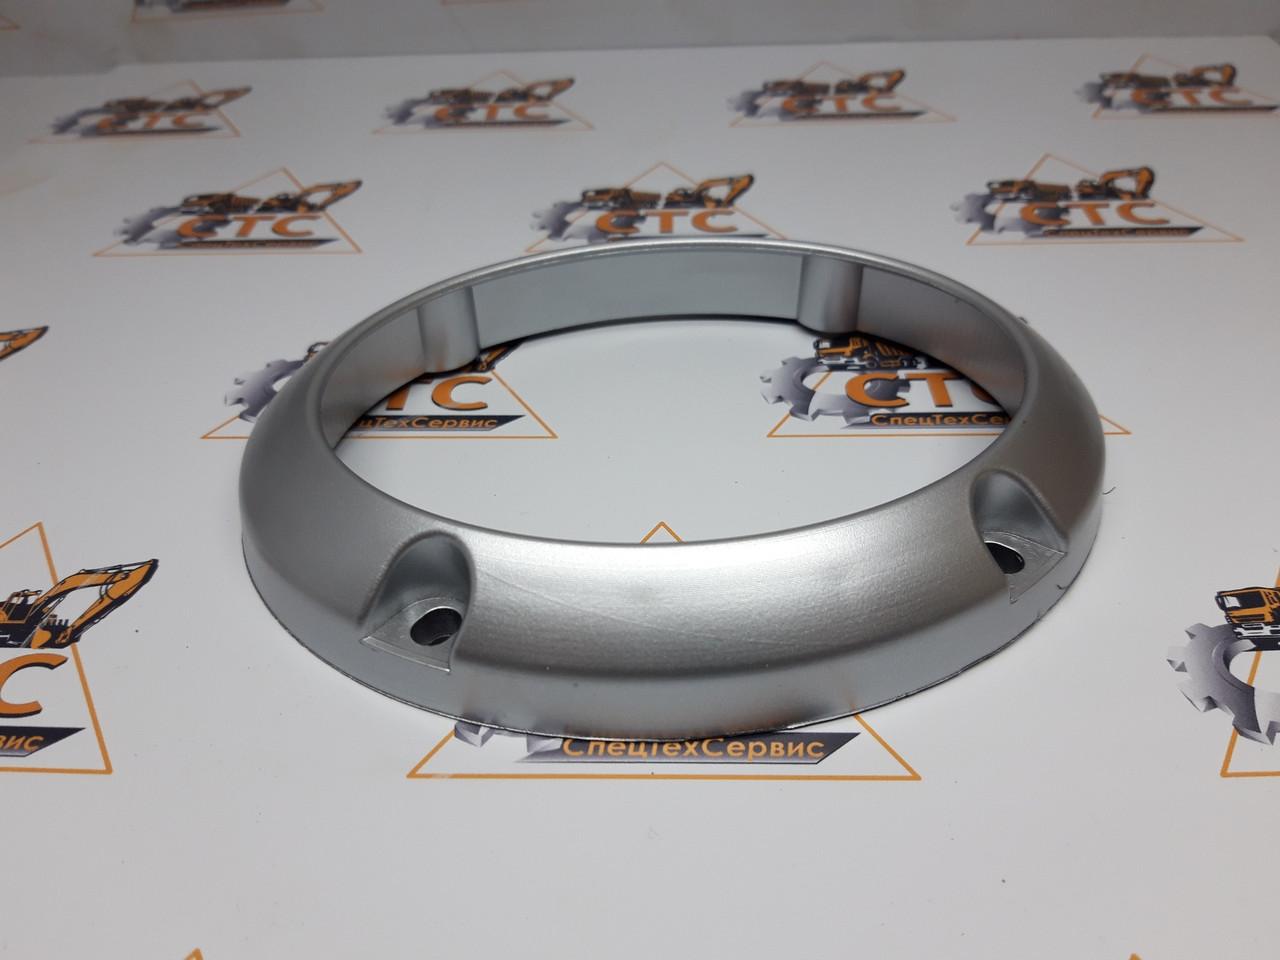 Кольцо на рычаг управления для JCB 3CX, 4CX номер : 821/10218